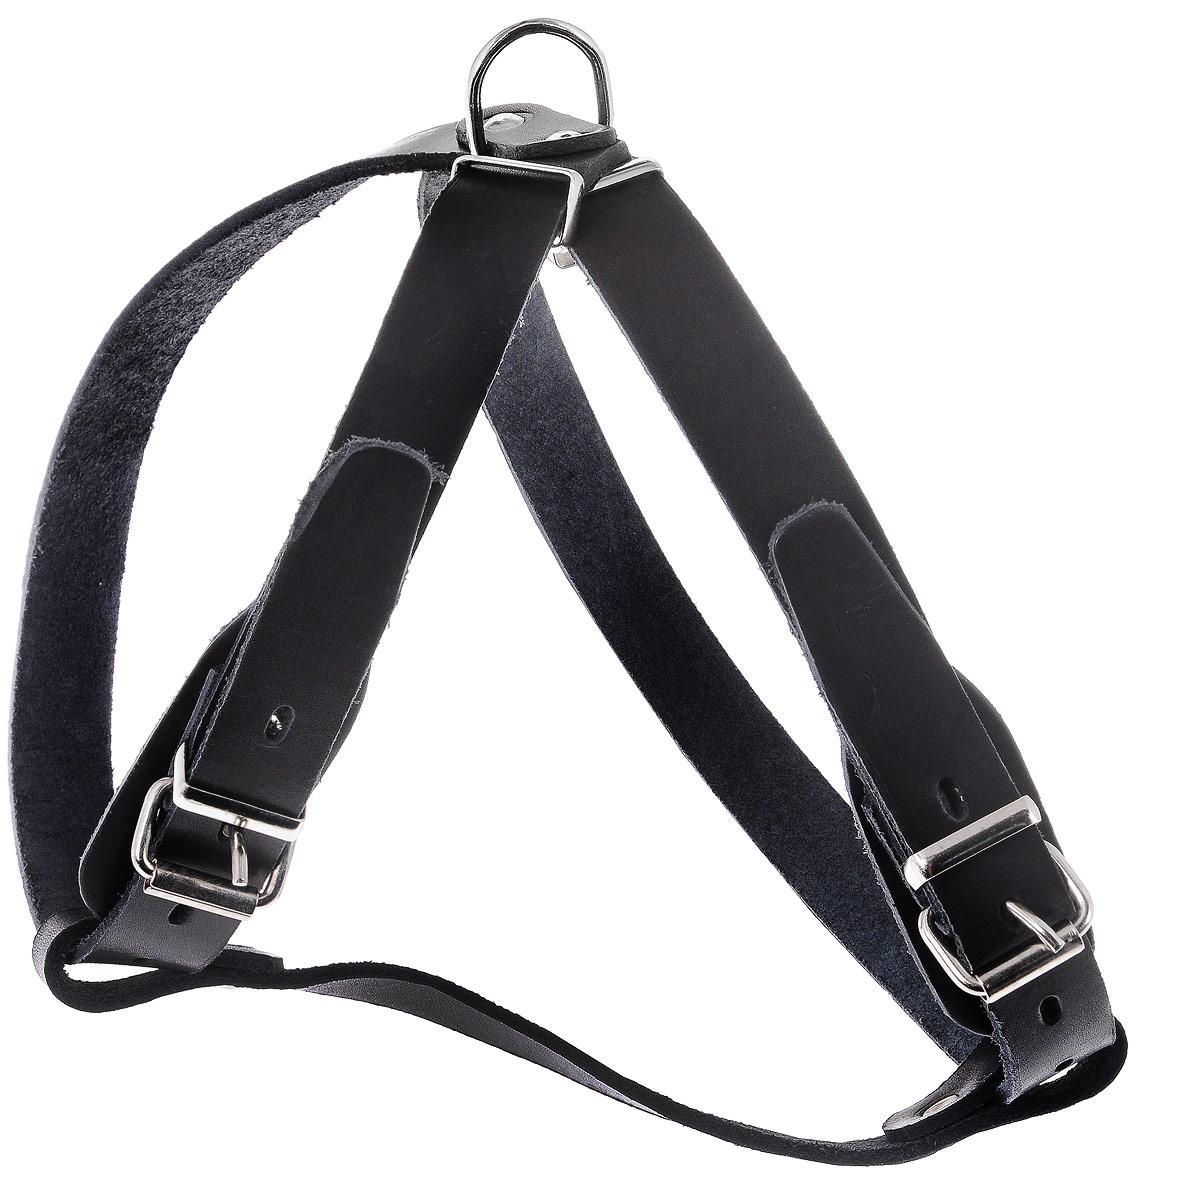 Шлейка для собак Каскад Классика, цвет: черный, ширина 2 см, обхват груди 51-59 см01002011чШлейка Каскад Классика, изготовленная из и натуральной кожи, подходит для собак мелких пород. Крепкие металлические элементы делают ее надежной и долговечной. Шлейка - это альтернатива ошейнику. Правильно подобранная шлейка не стесняет движения питомца, не натирает кожу, поэтому животное чувствует себя в ней уверенно и комфортно. Изделие отличается высоким качеством, удобством и универсальностью. Размер регулируется при помощи пряжек, зафиксированных в одном из 4 отверстий. Обхват шеи: 45-53 см. Обхват груди: 51-59 см. Ширина шлейки: 2 см.